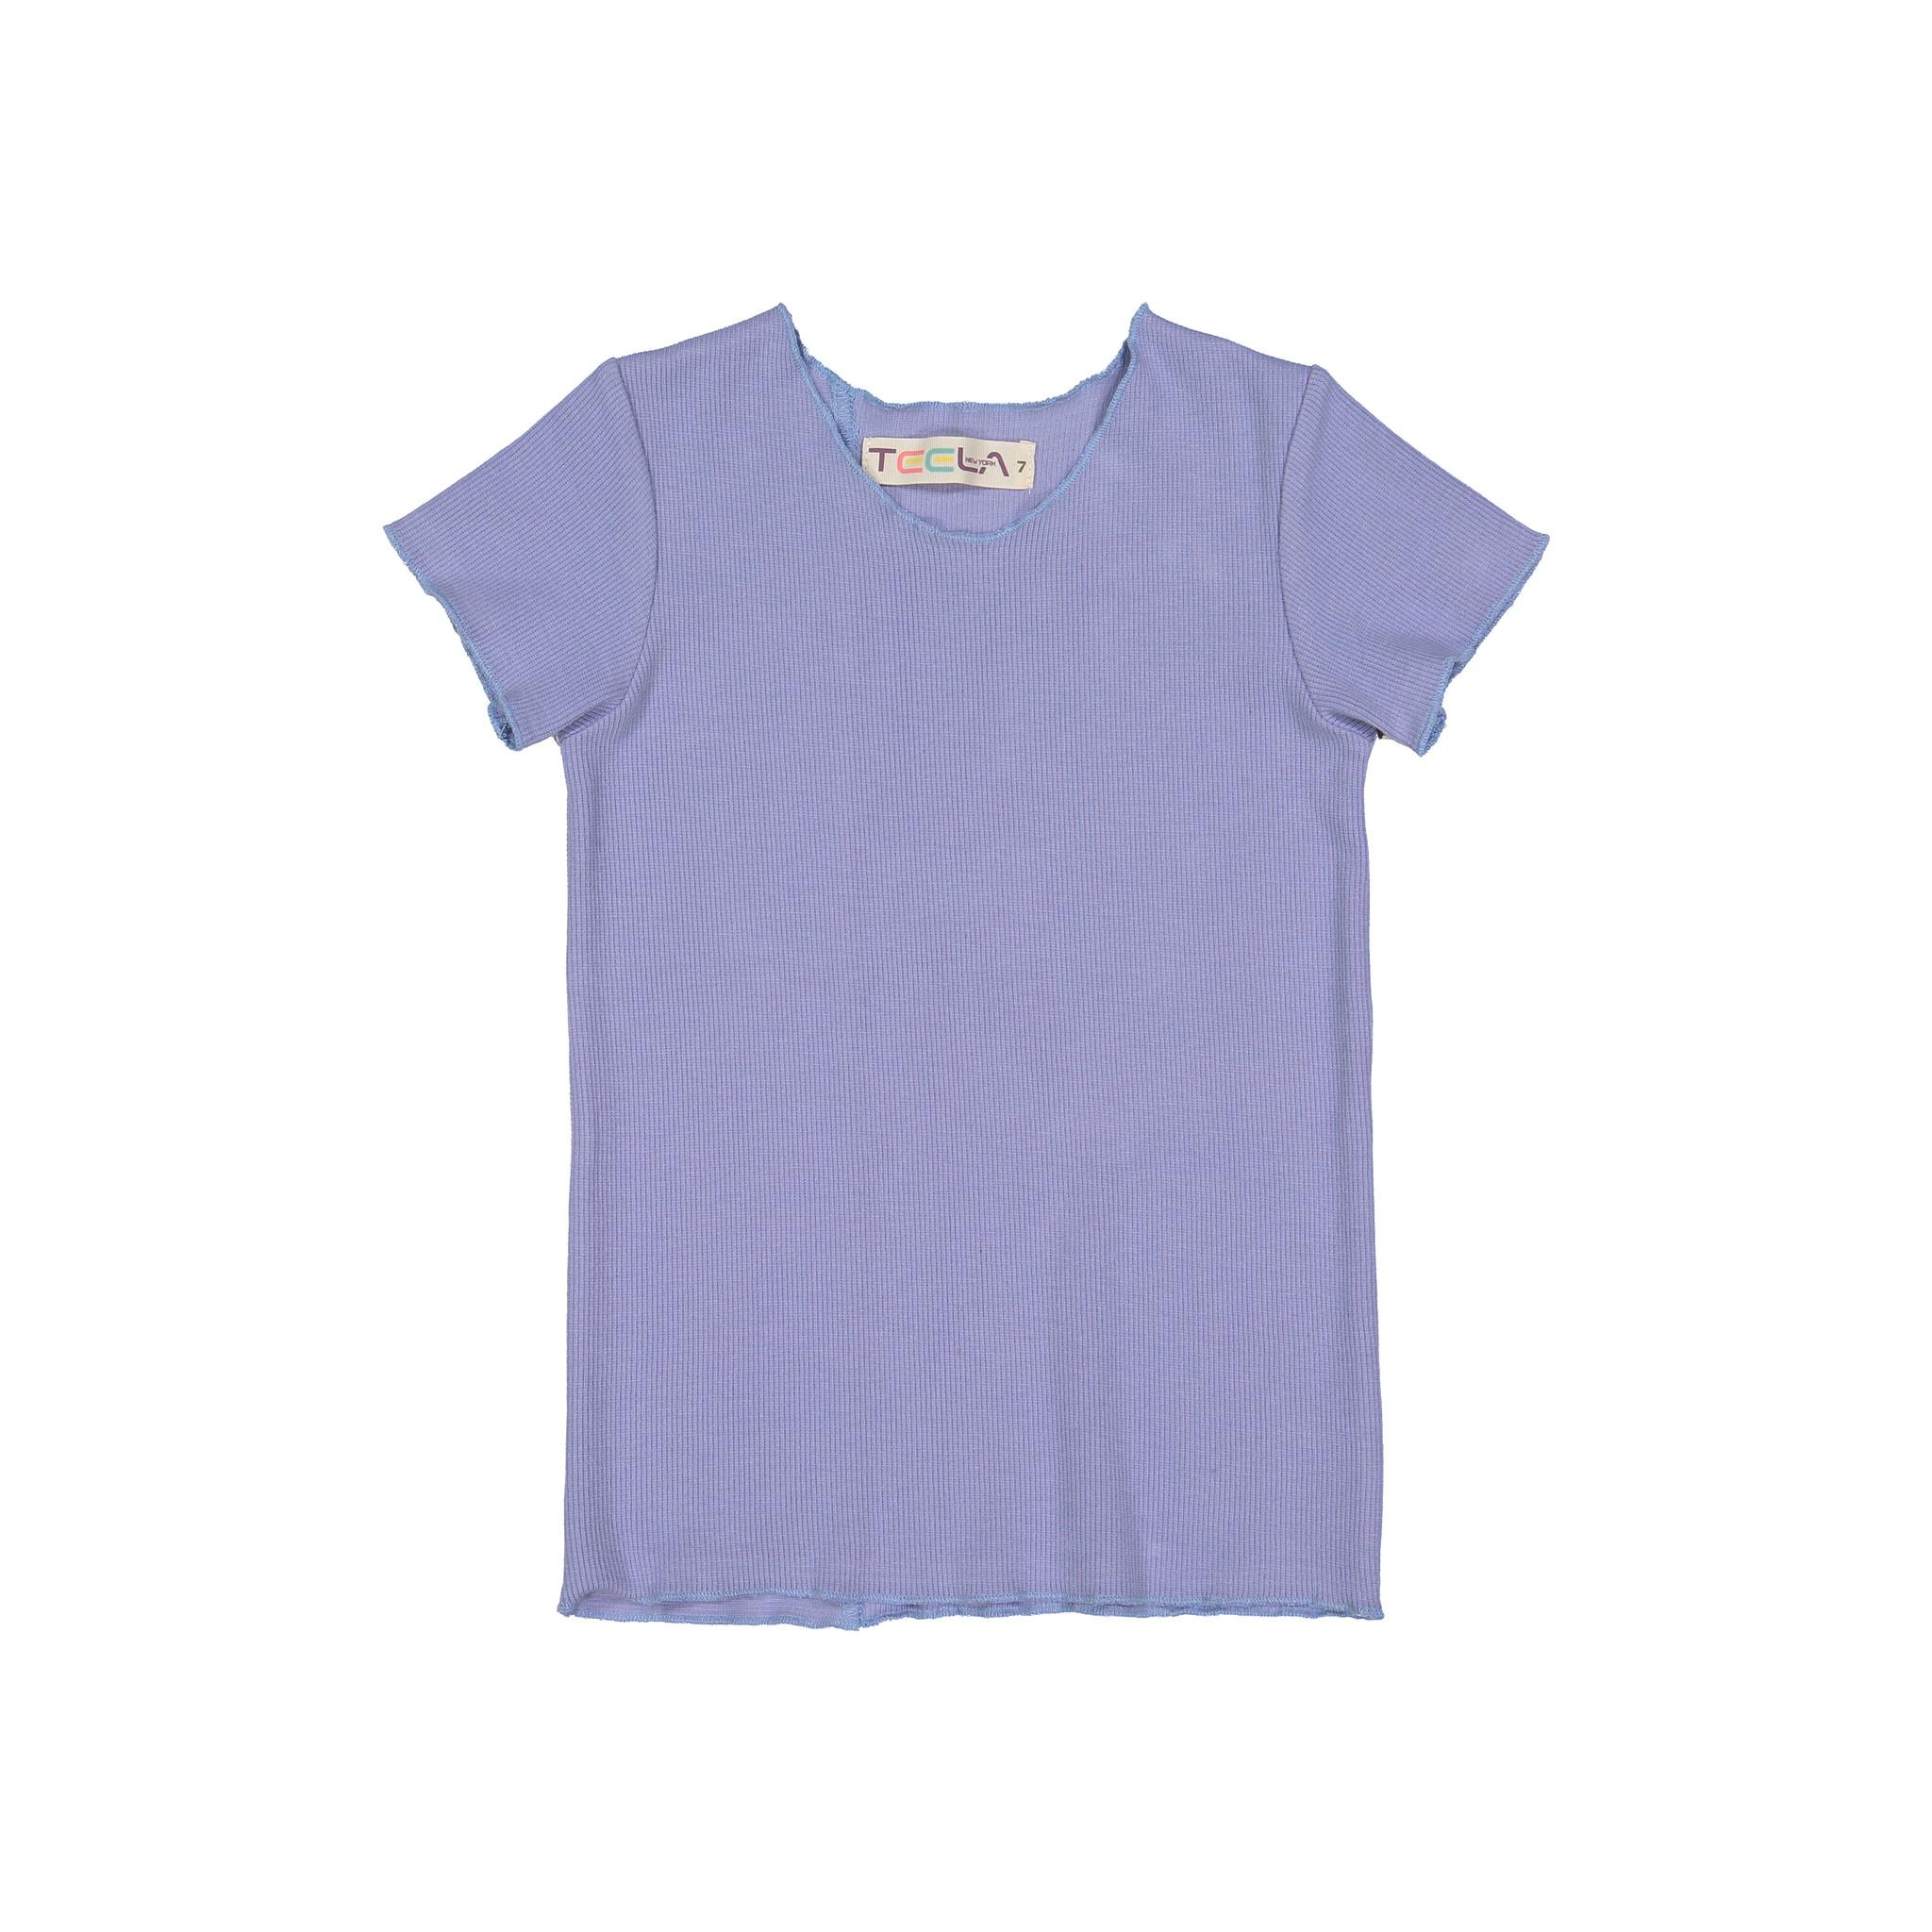 Teela RIB Basic BOY Tshirt